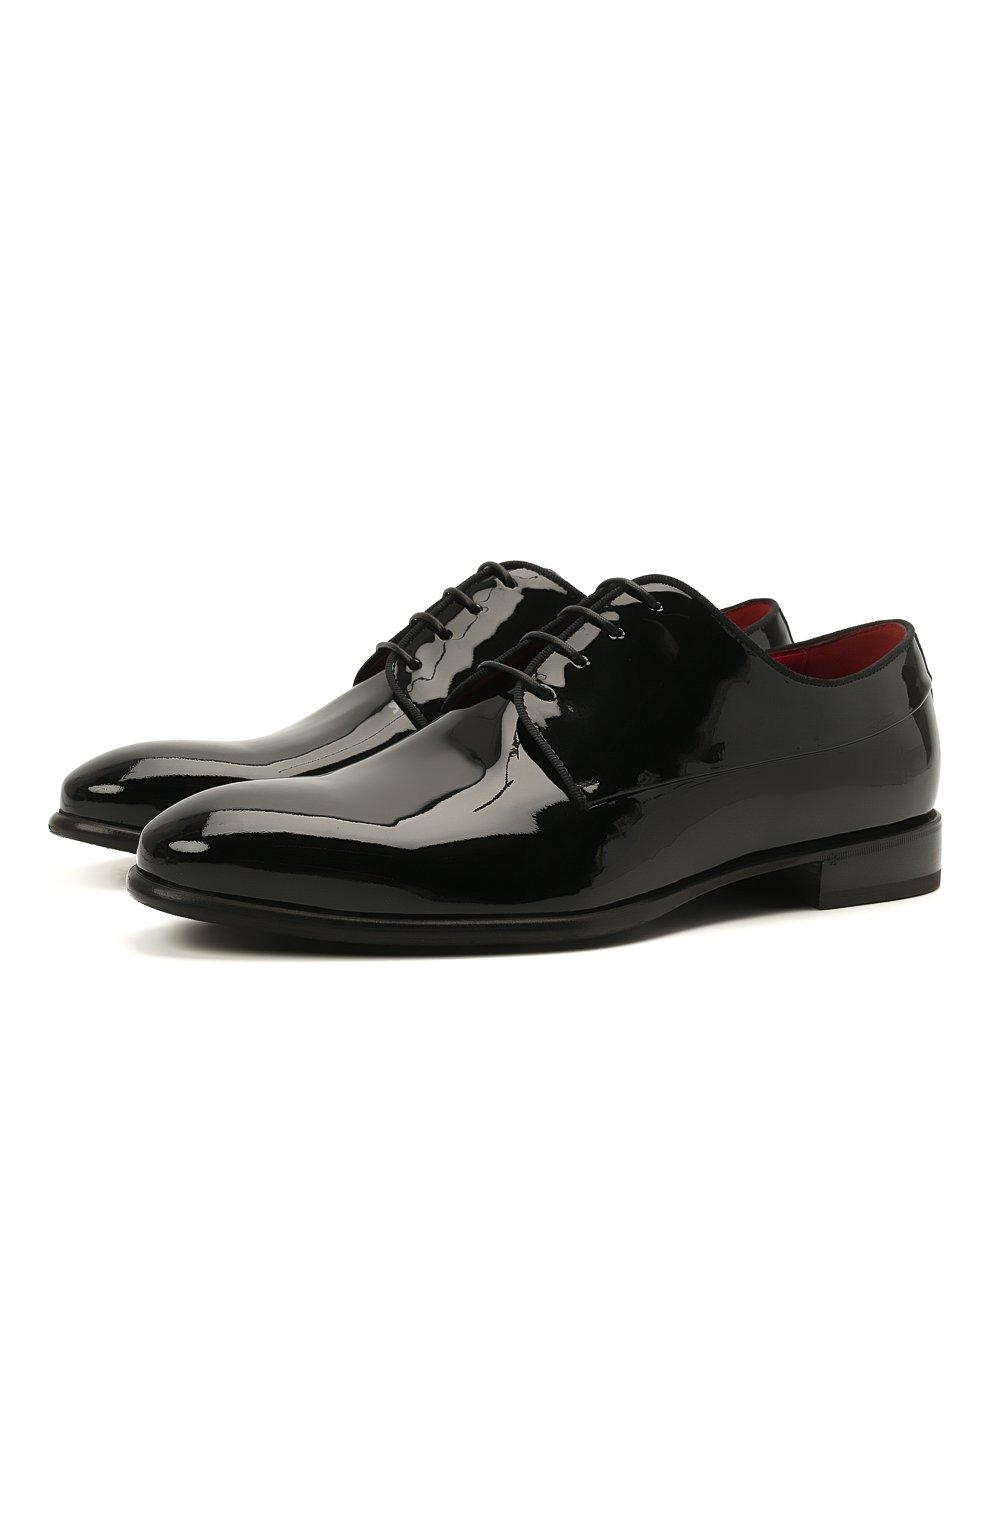 Мужские кожаные дерби BARRETT черного цвета, арт. 212U006.1/VERNICE | Фото 1 (Материал внутренний: Натуральная кожа; Стили: Классический; Мужское Кросс-КТ: Вечерняя обувь)